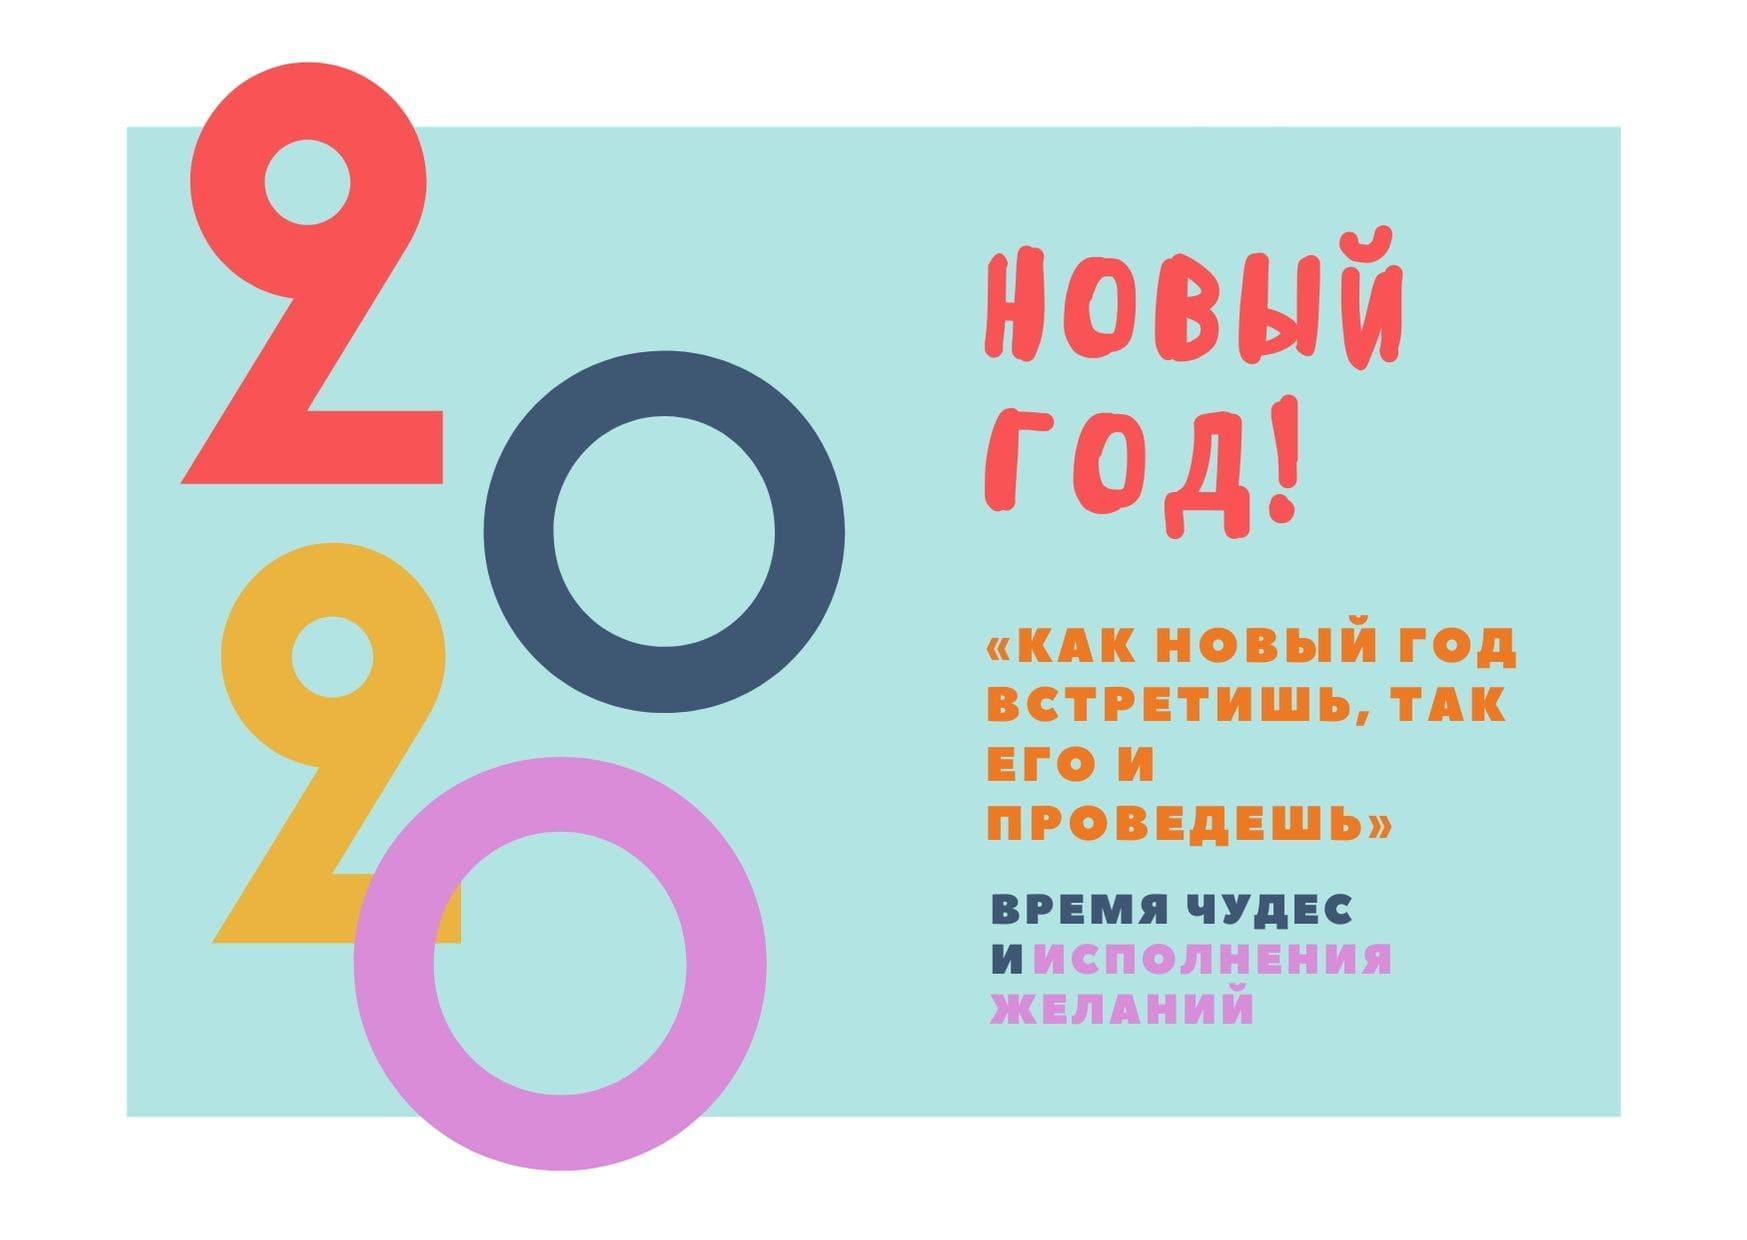 2020 Новый год!